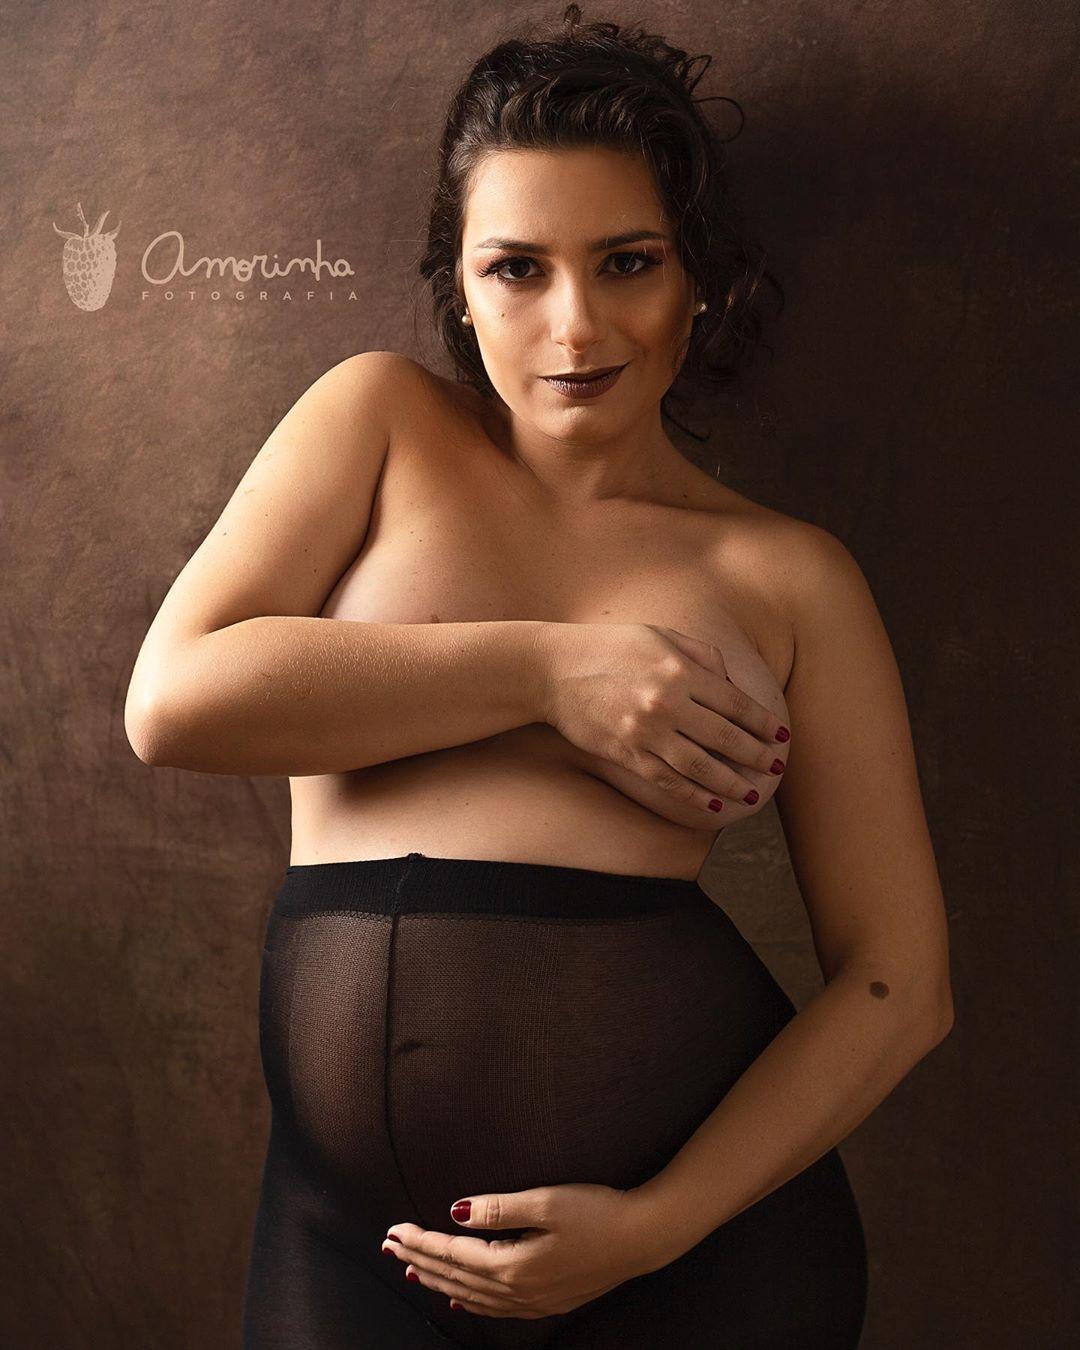 gestante-gravida-fotografia-amorinha (40)